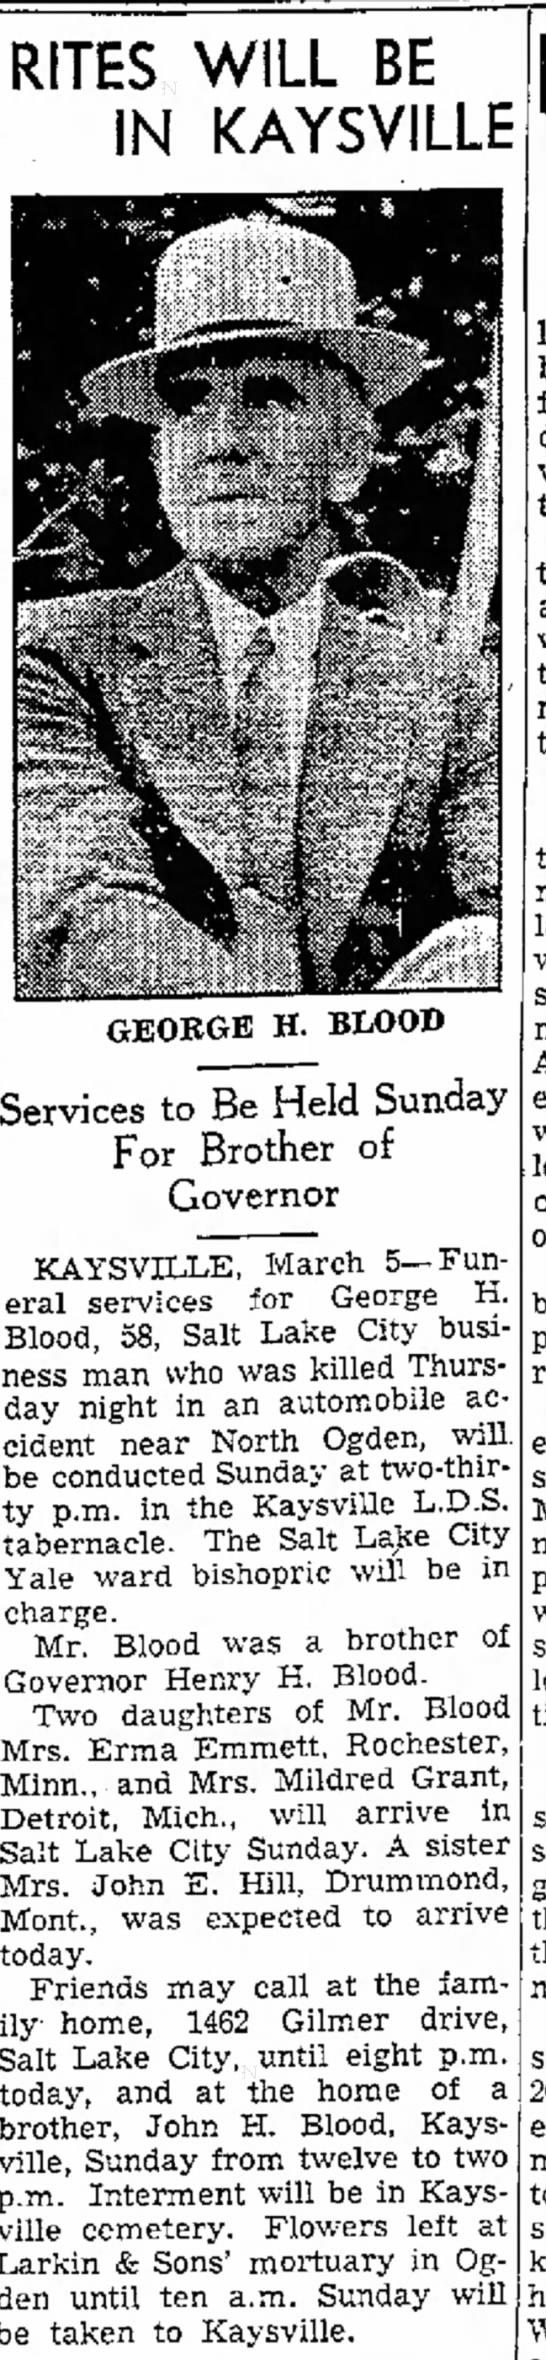 george blood obit -